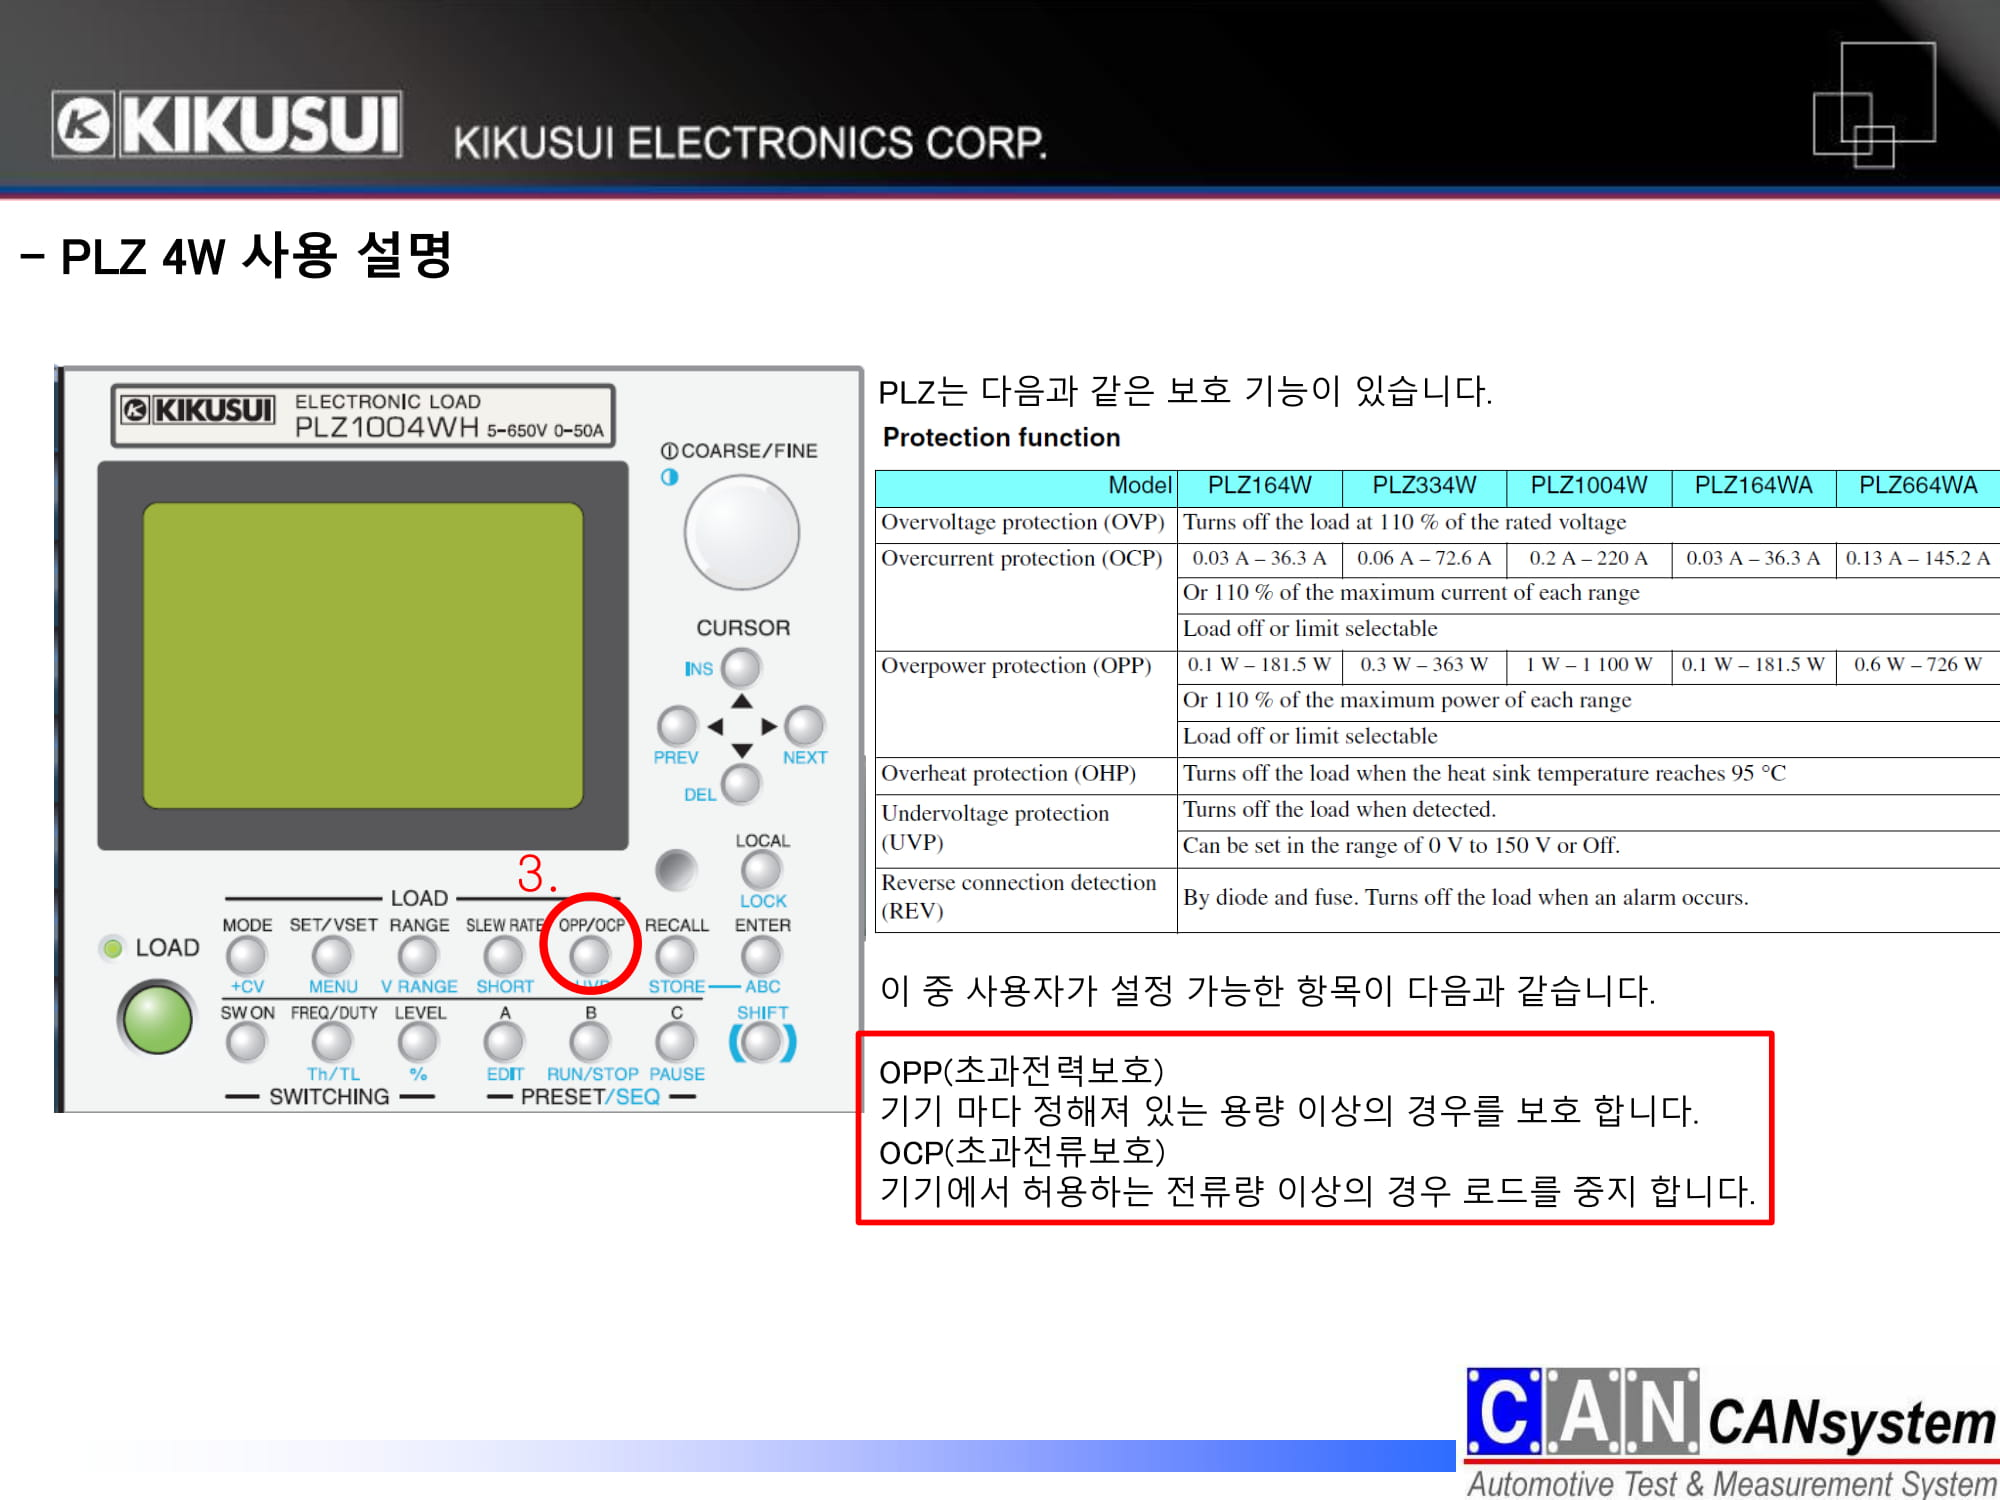 KIKUSUI PLZ4W이용 가이드-06.jpg